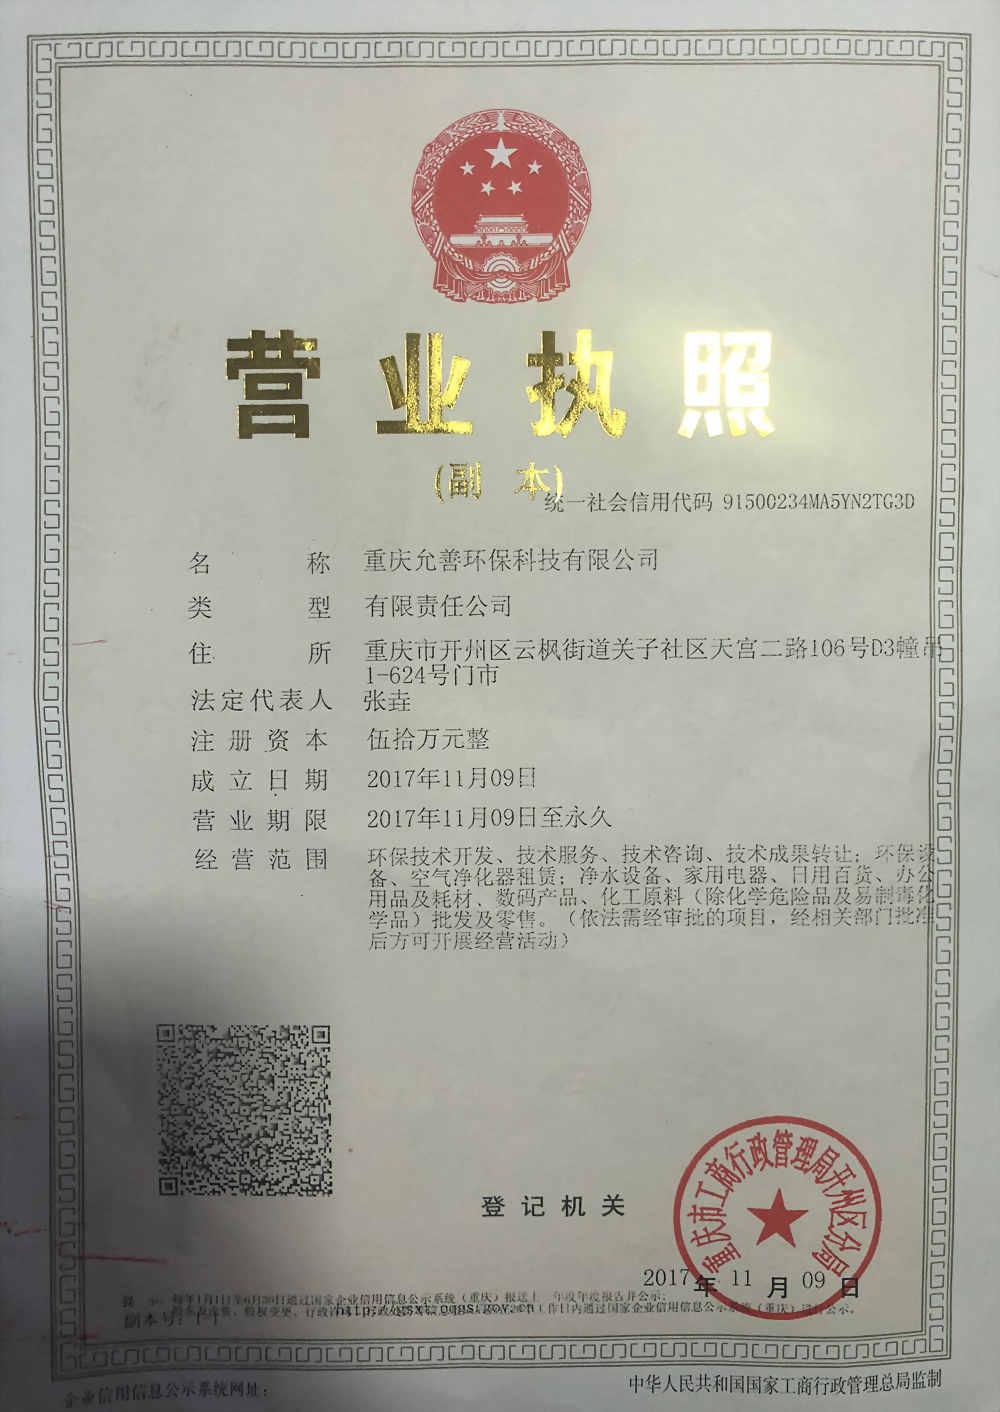 重庆允善环保科技有限公司营业执照